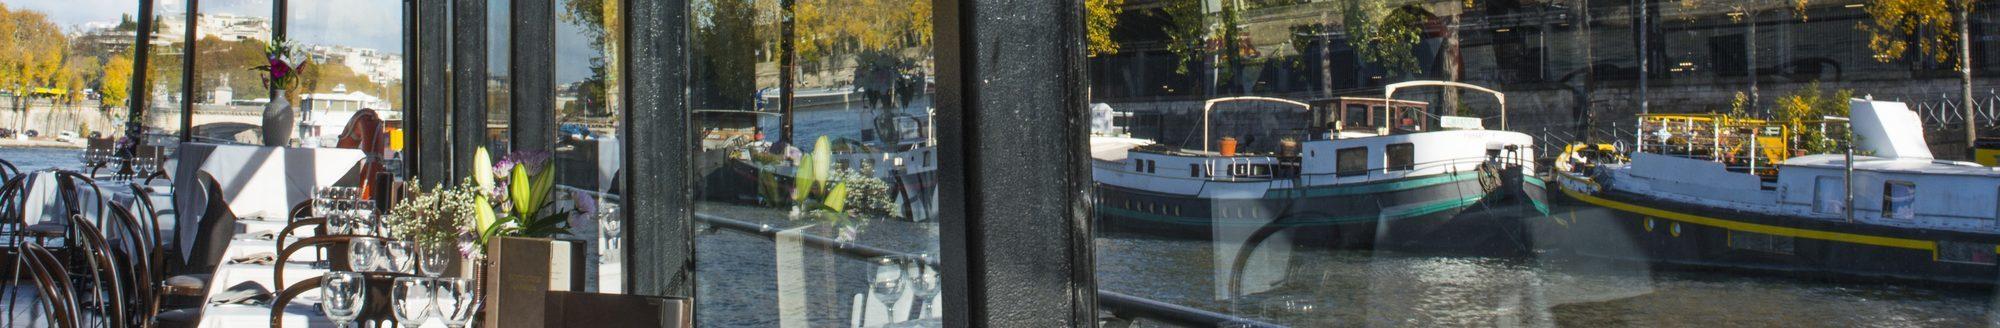 Almoço no Marina de Paris